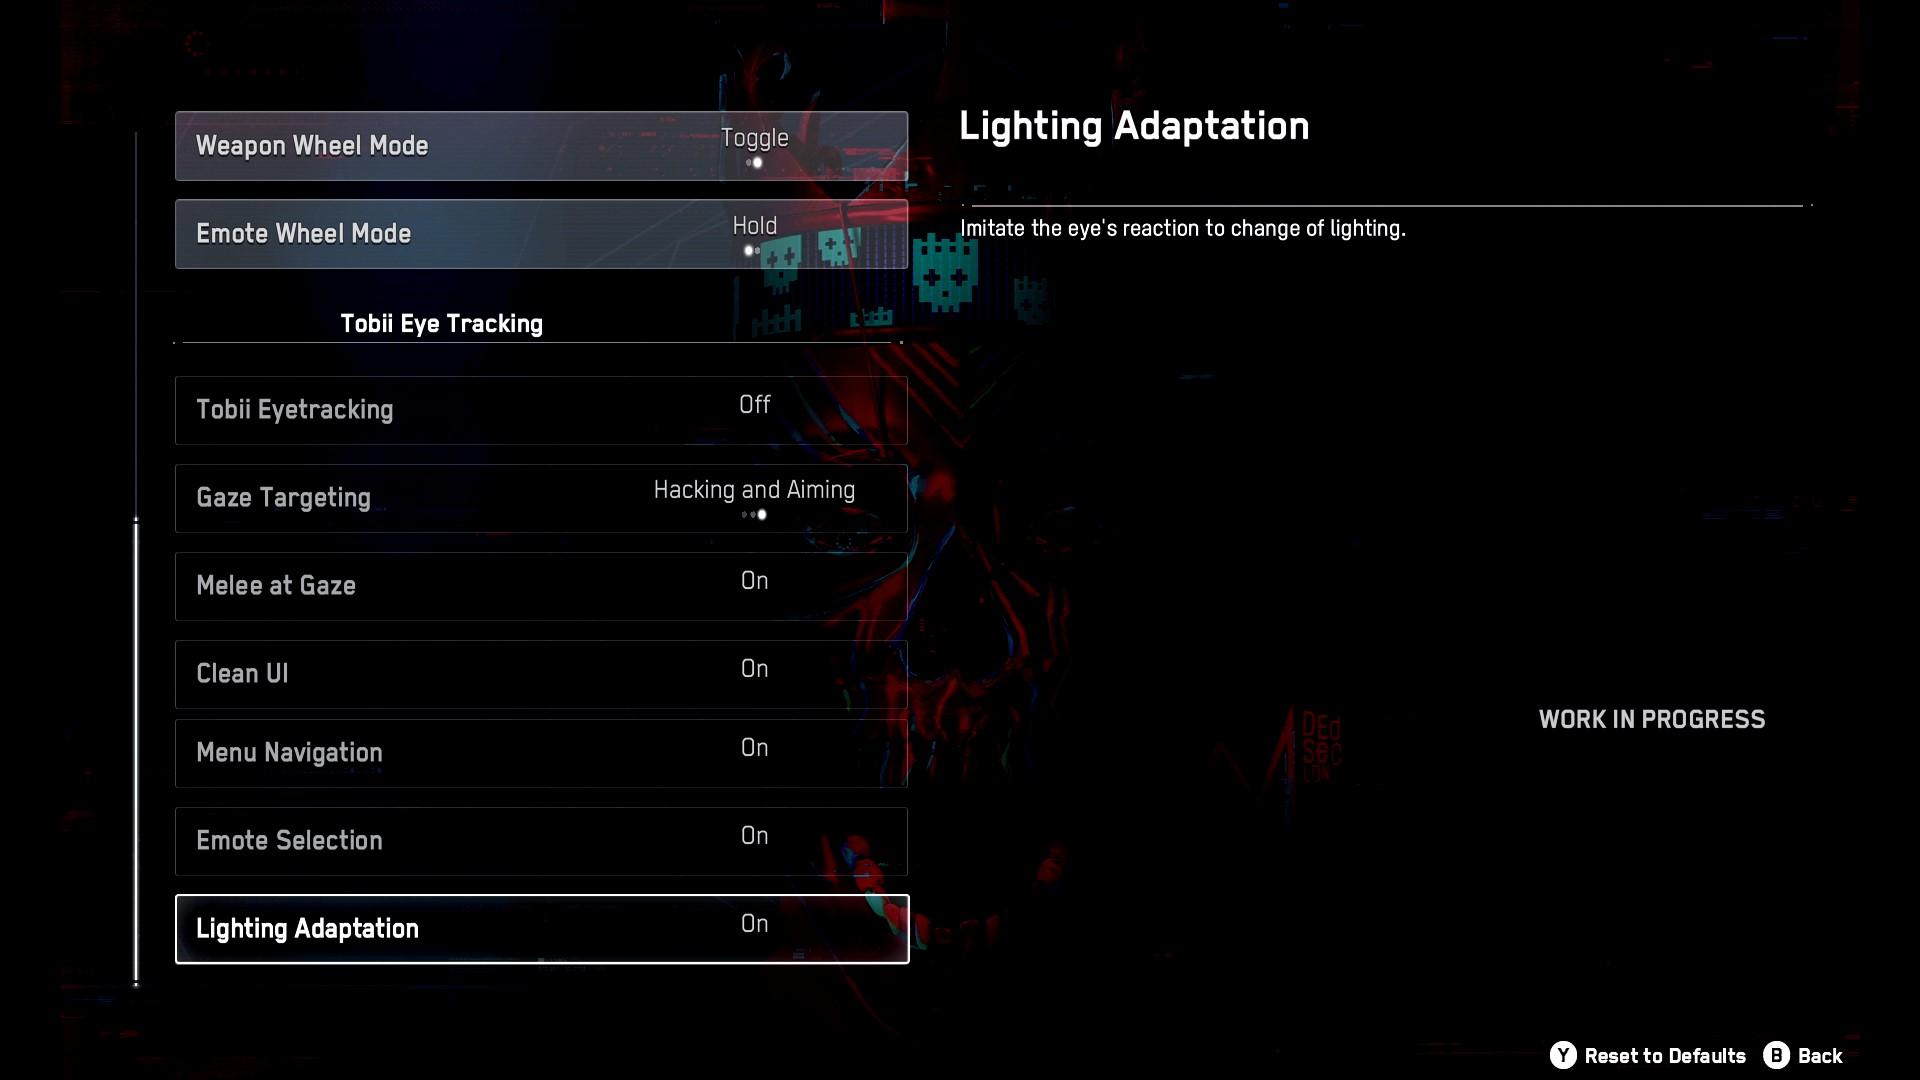 Zweite Hälfte der Gameplay-Optionen. Hier befinden sich verschiedene Einstellungen für den Tobii-Eyetracker.